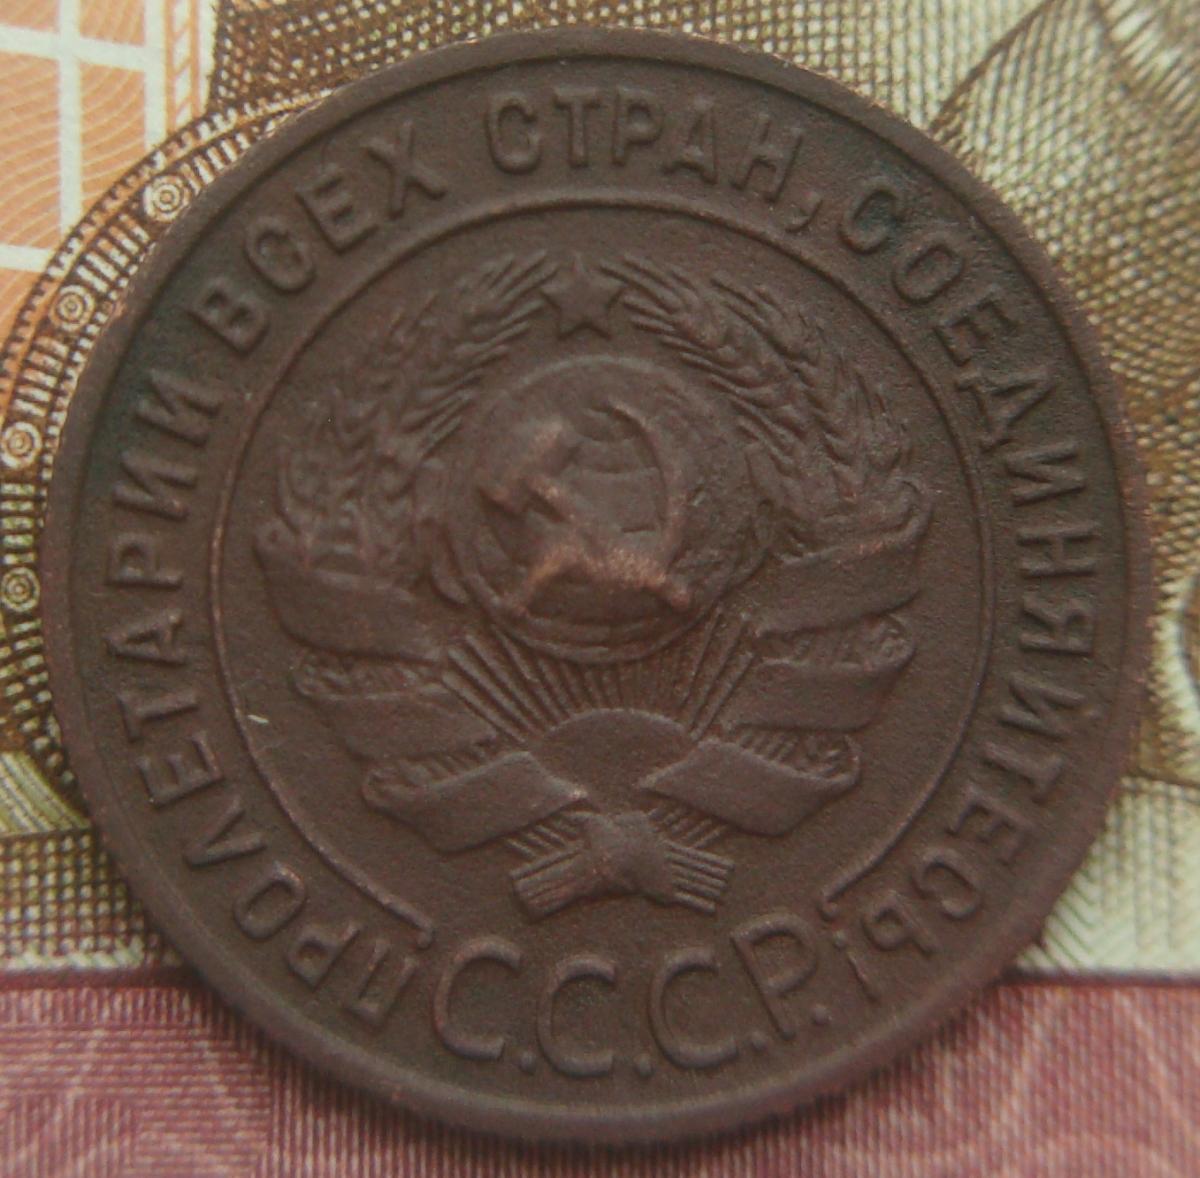 1 копейка 1925 г. Острие серпа ниже полюса, диск солнца без венчика, возле острого конца молота нет меридиана